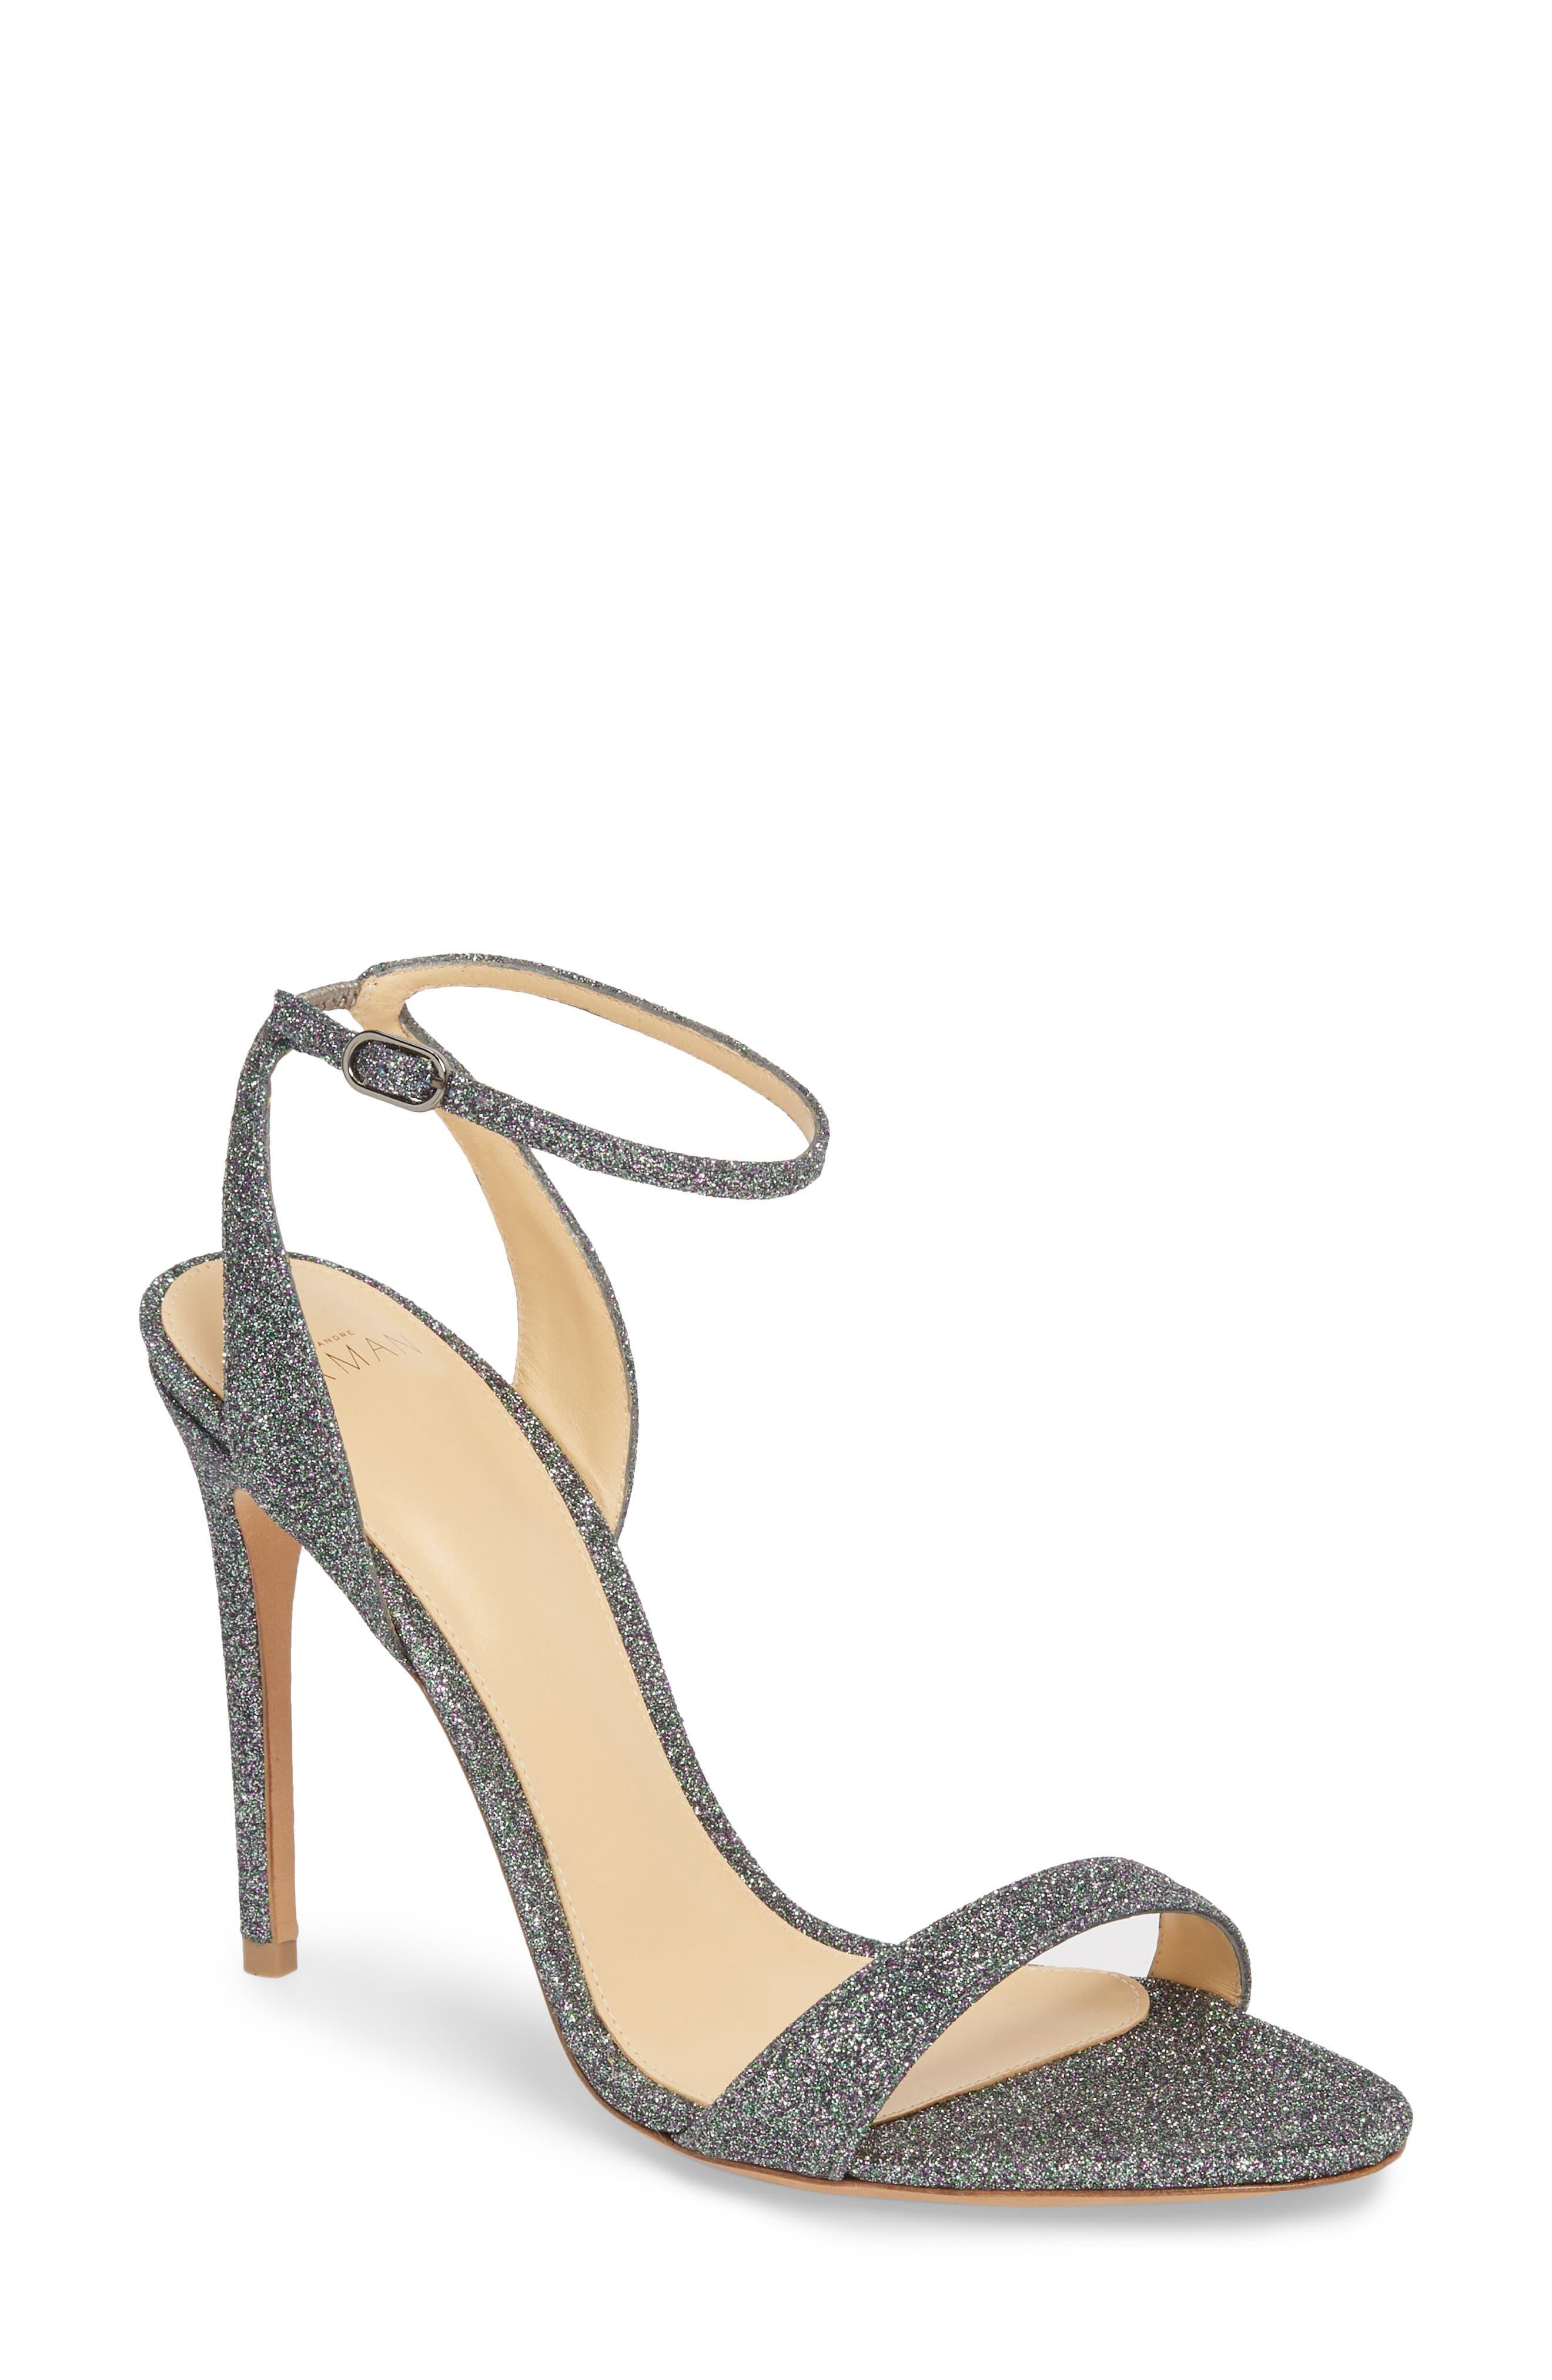 Santine Ankle Strap Sandal,                             Main thumbnail 1, color,                             040